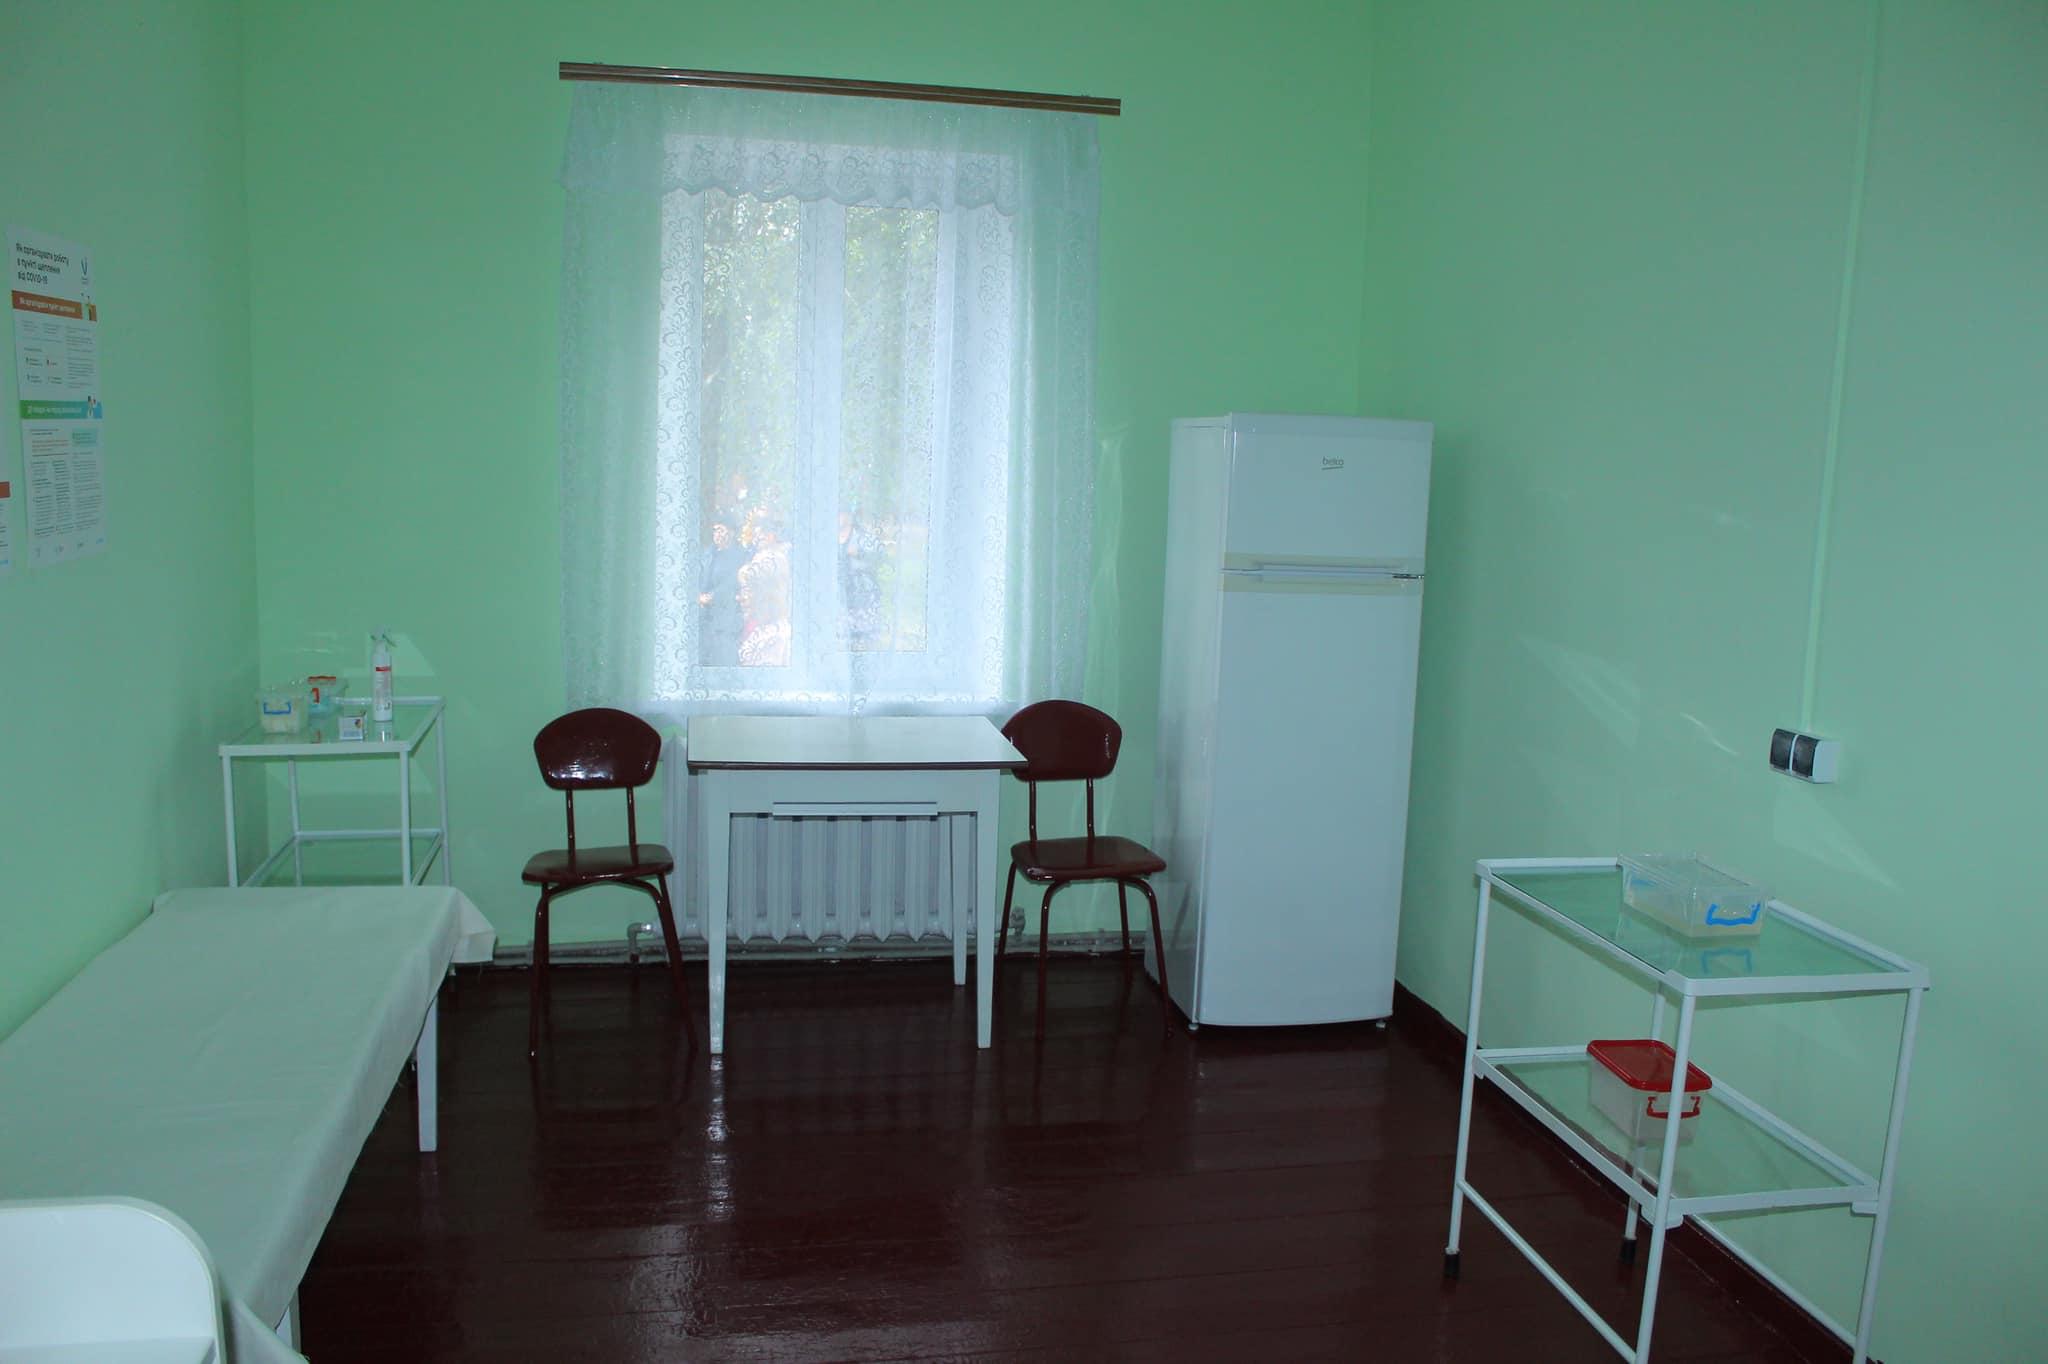 Упродовж кількох місяців у селі на Чернігівщині капітально оновили амбулаторію. ФОТО